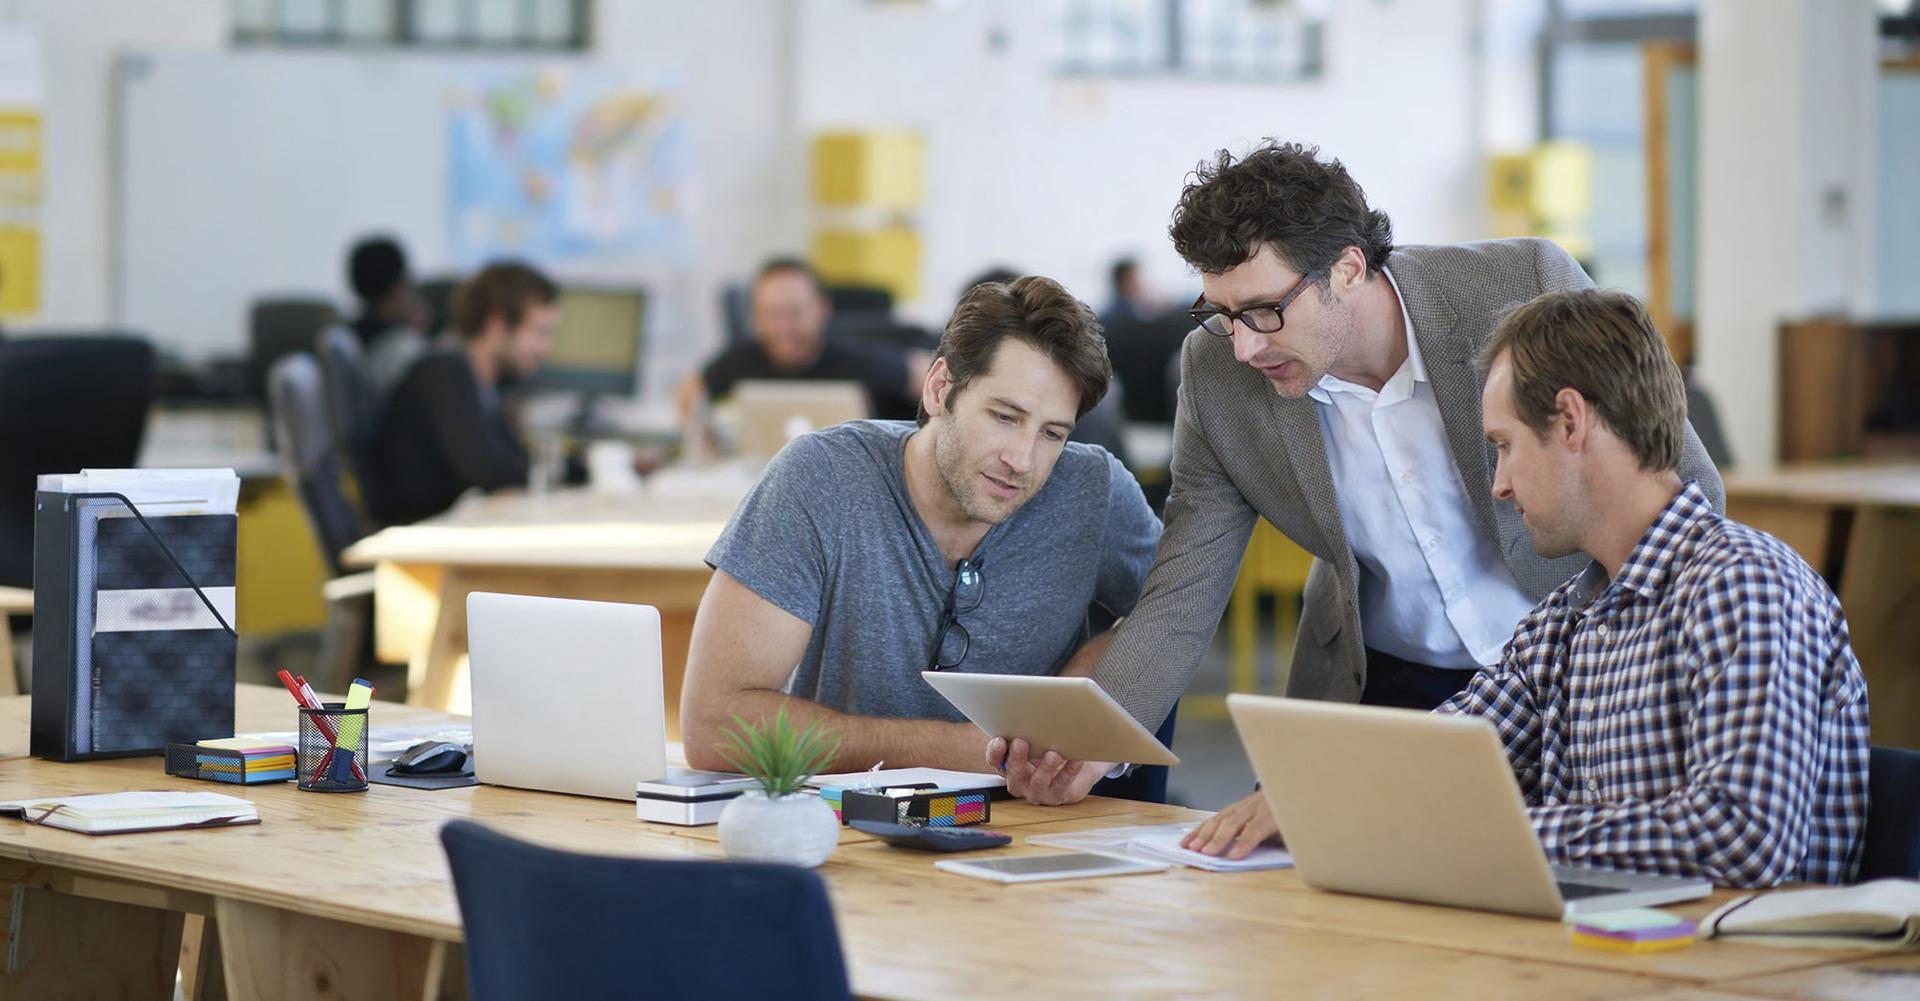 Как централизованно и удаленно устанавливать ПО на ПК и мобильные устройства в компании